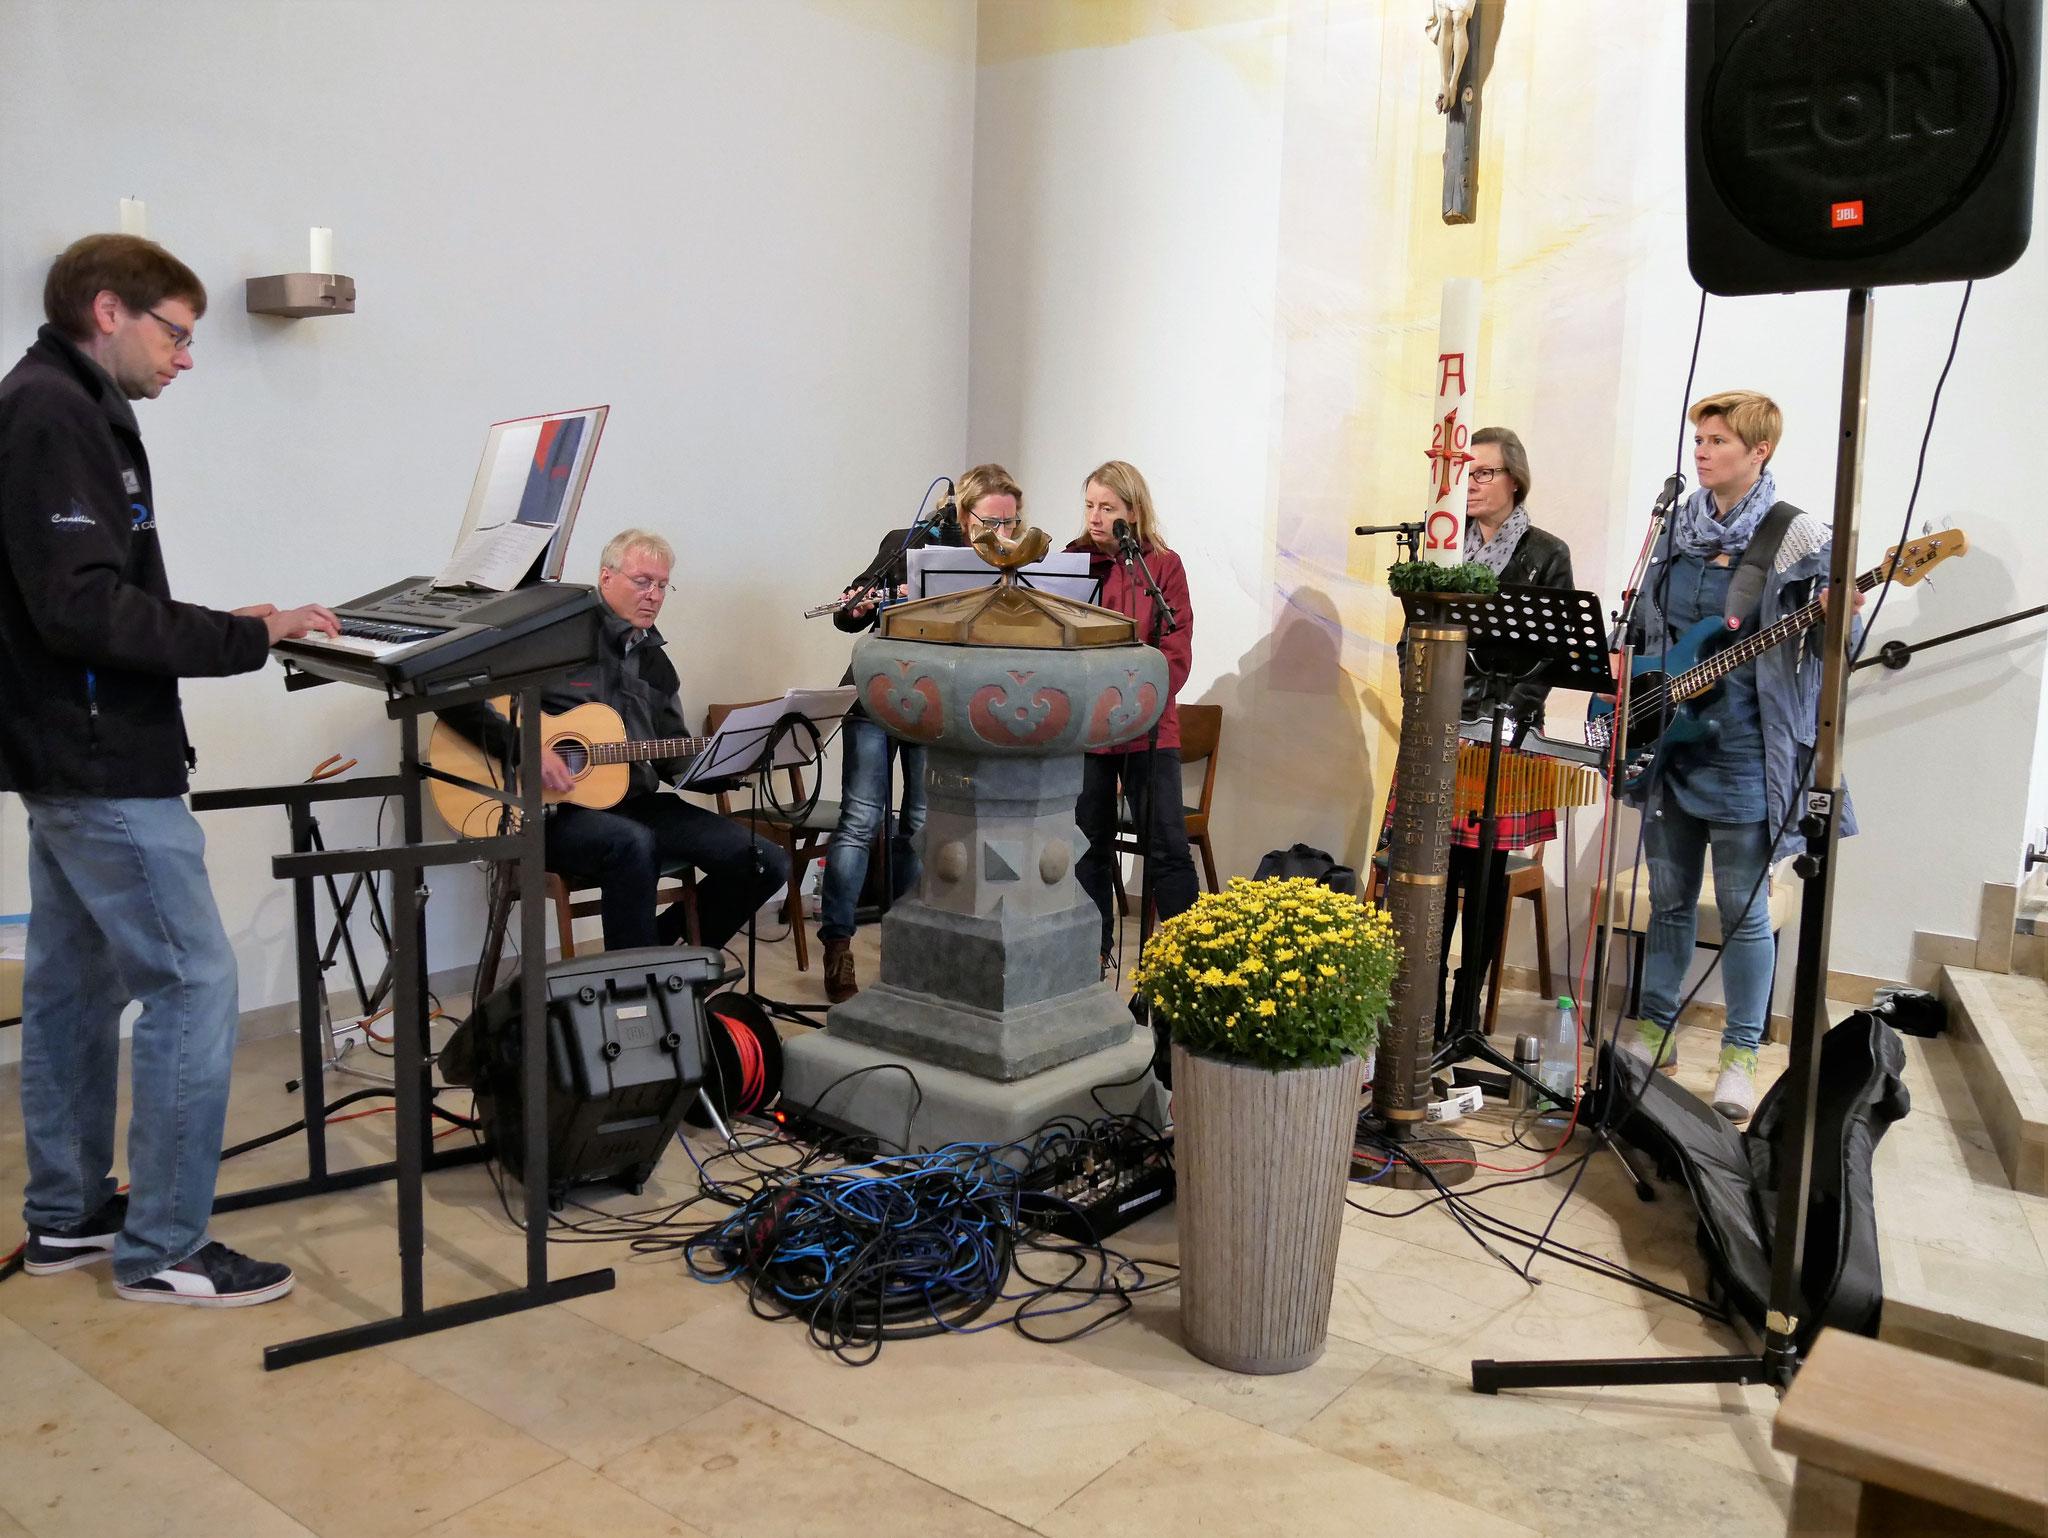 Musikgruppe Funkenflug aus Werl